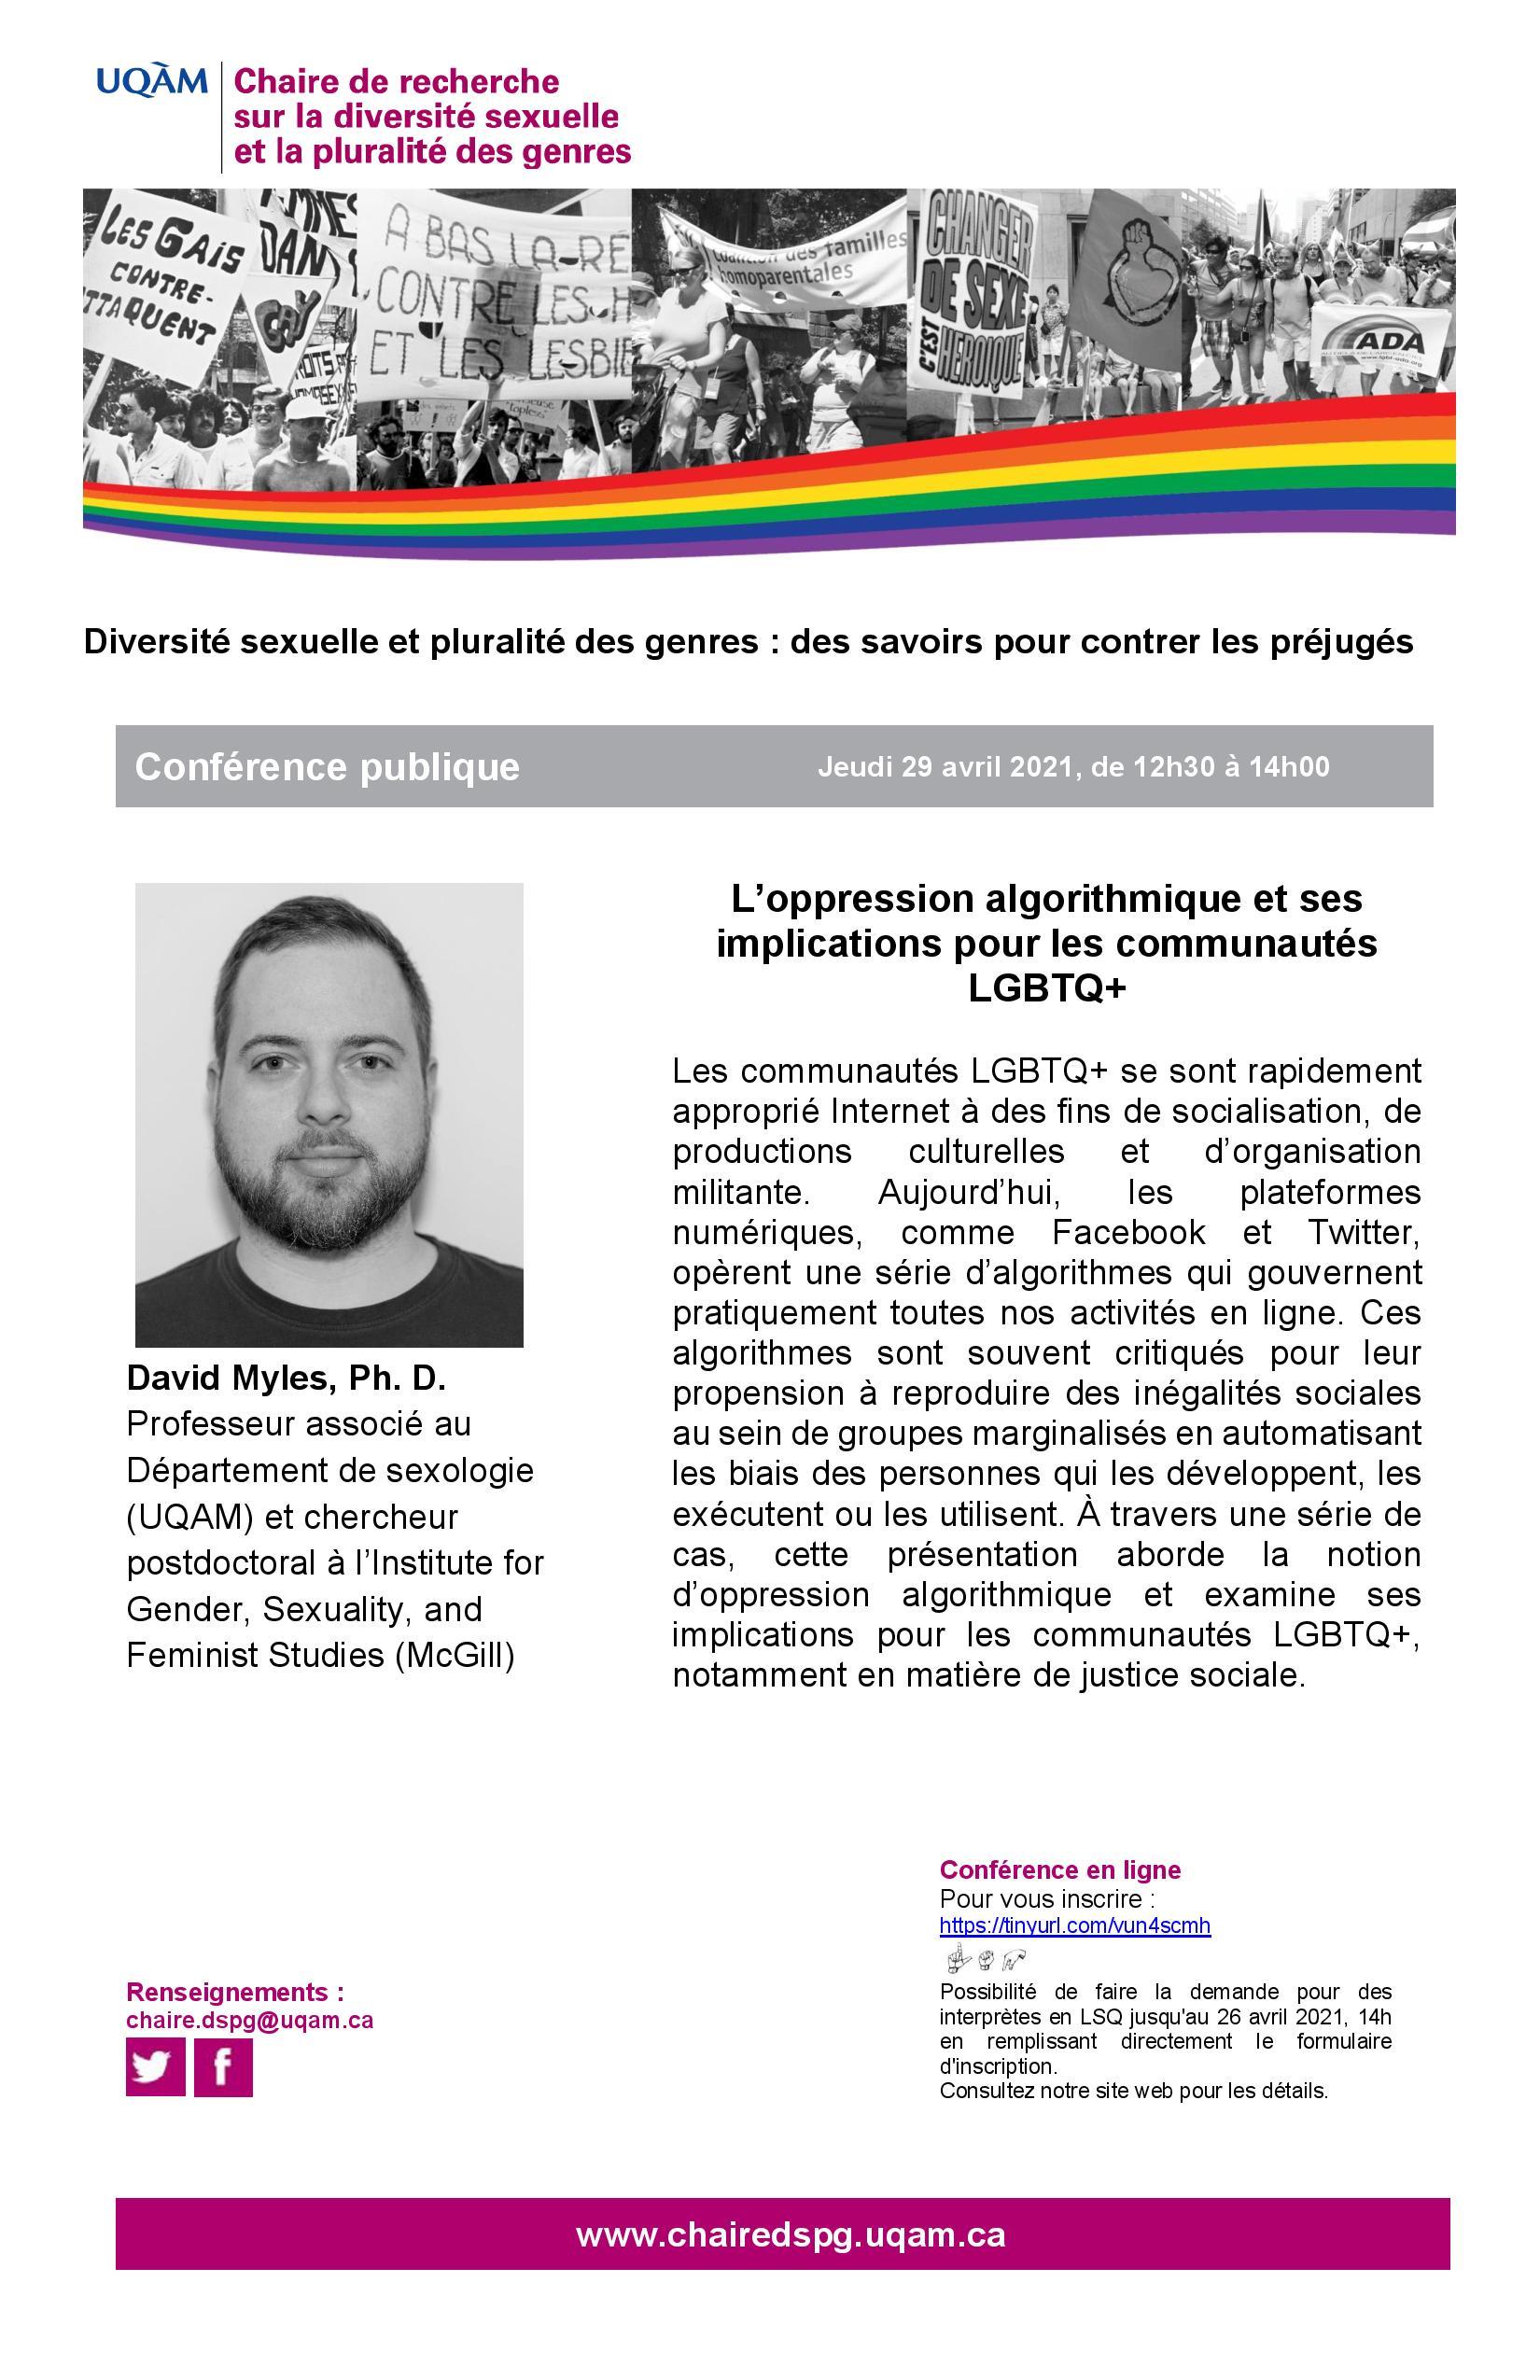 Conférence publique | L'oppression algorithmique et ses implications pour les communautés LGBTQ+